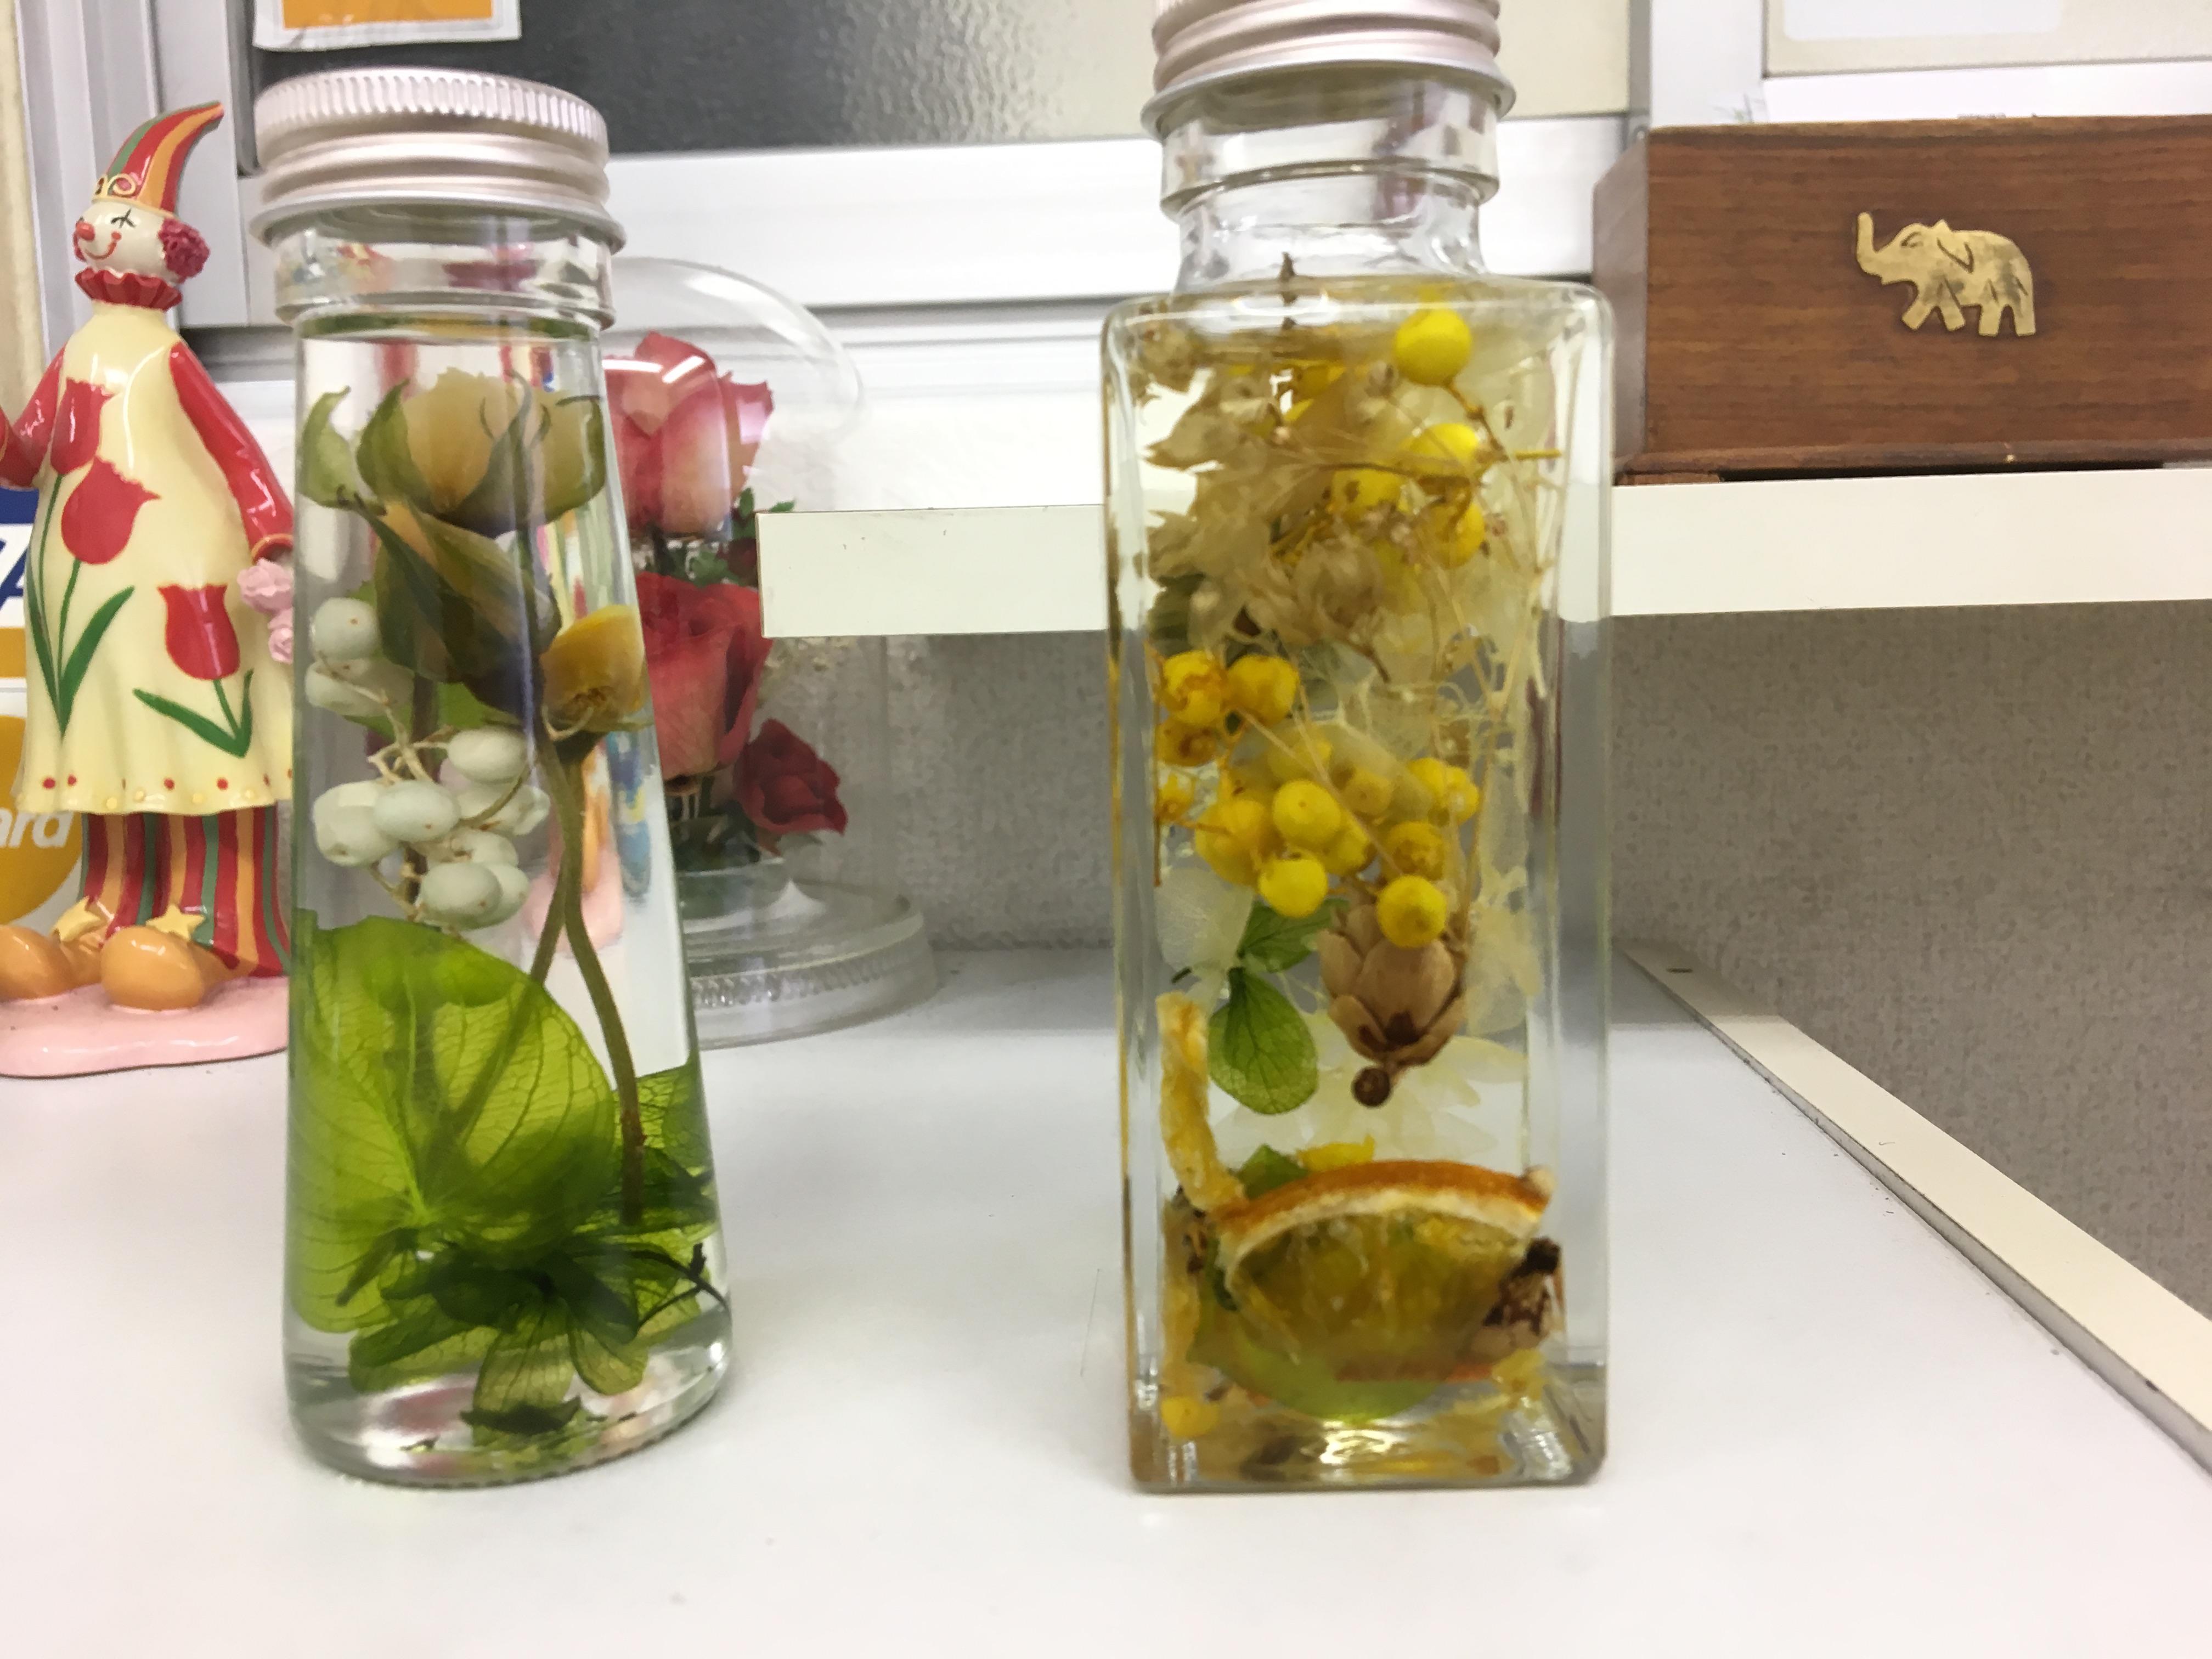 [ブログ]植物の小瓶頂きました(^。^)7年ぶりの再チャレンジ。